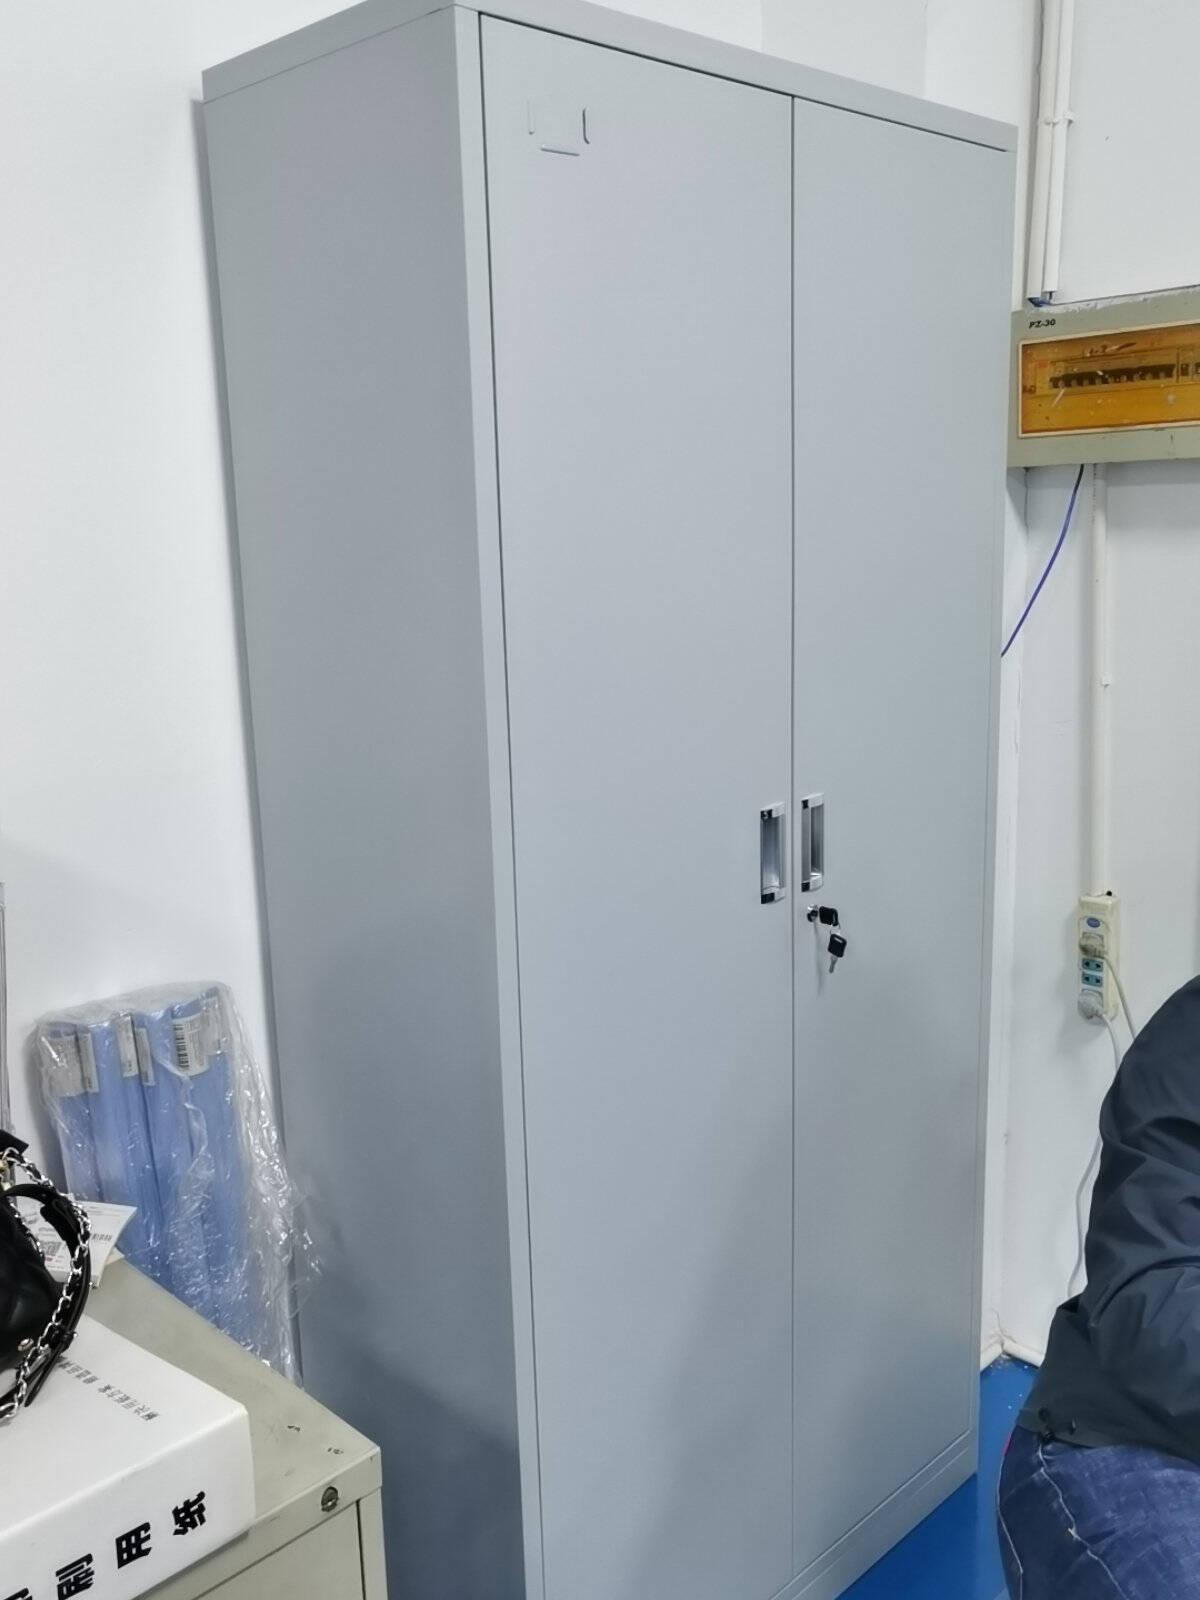 贺翔财务会计凭证柜文件柜铁皮柜子办公档案柜凭证柜经济型